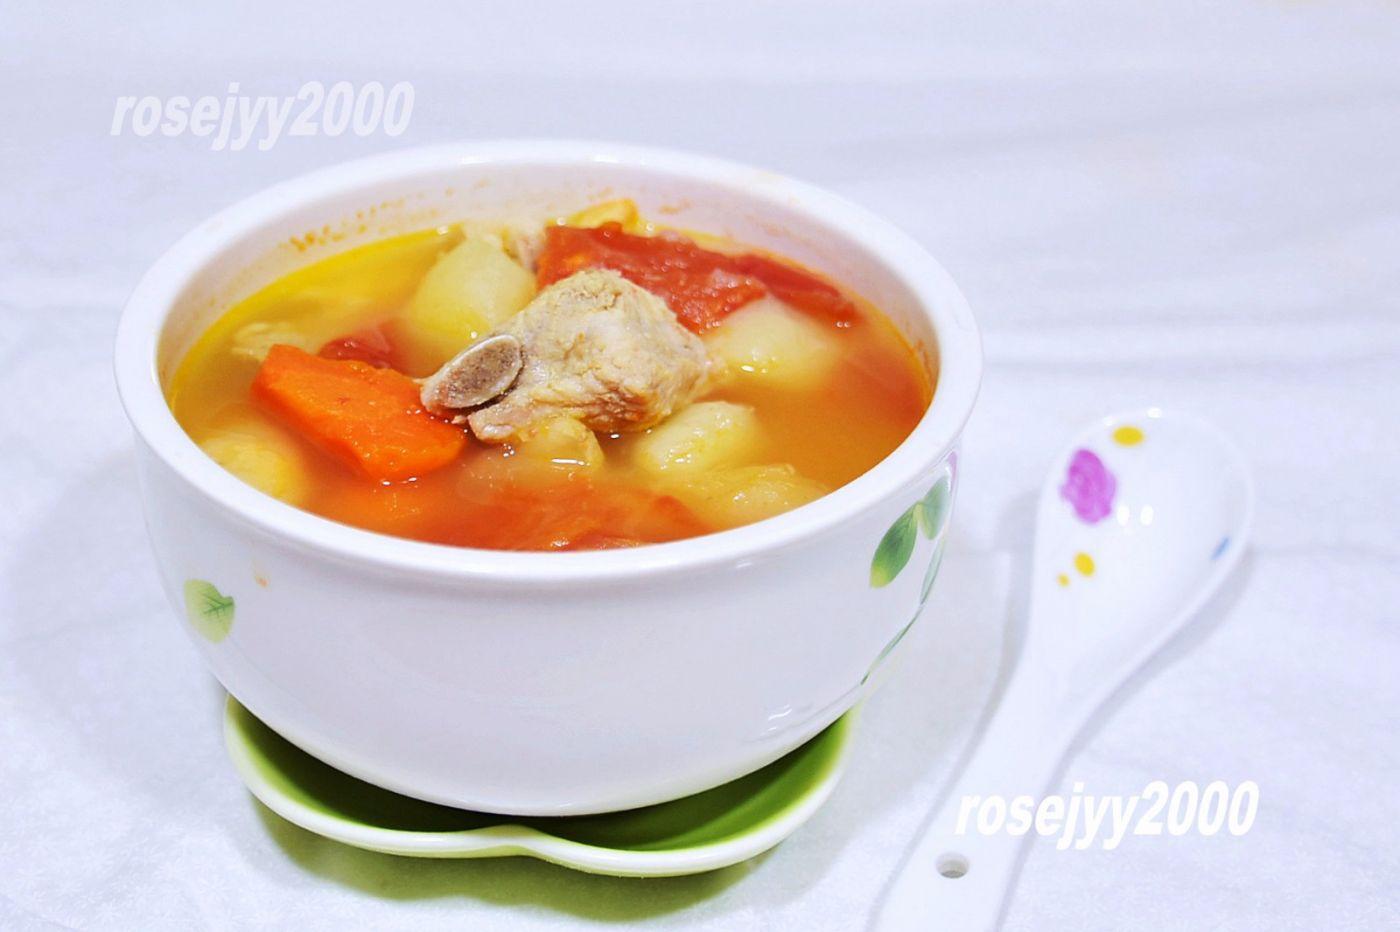 排骨青红萝卜土豆汤_图1-1